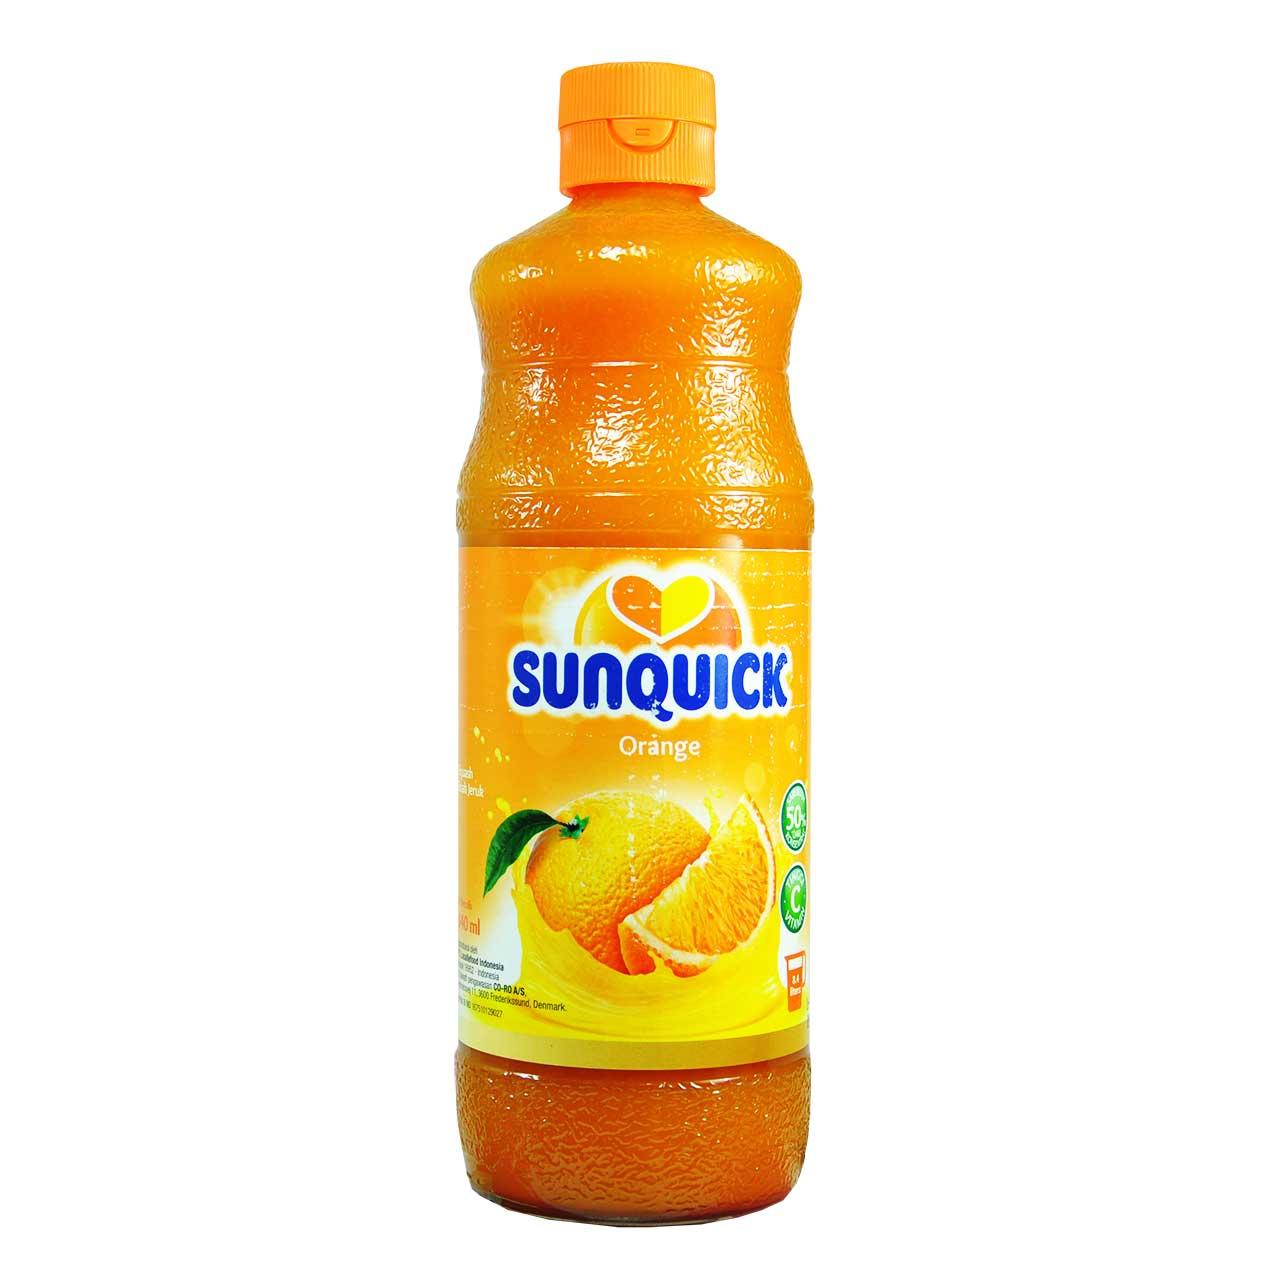 شربت پرتقال سن کوییک – sunquick